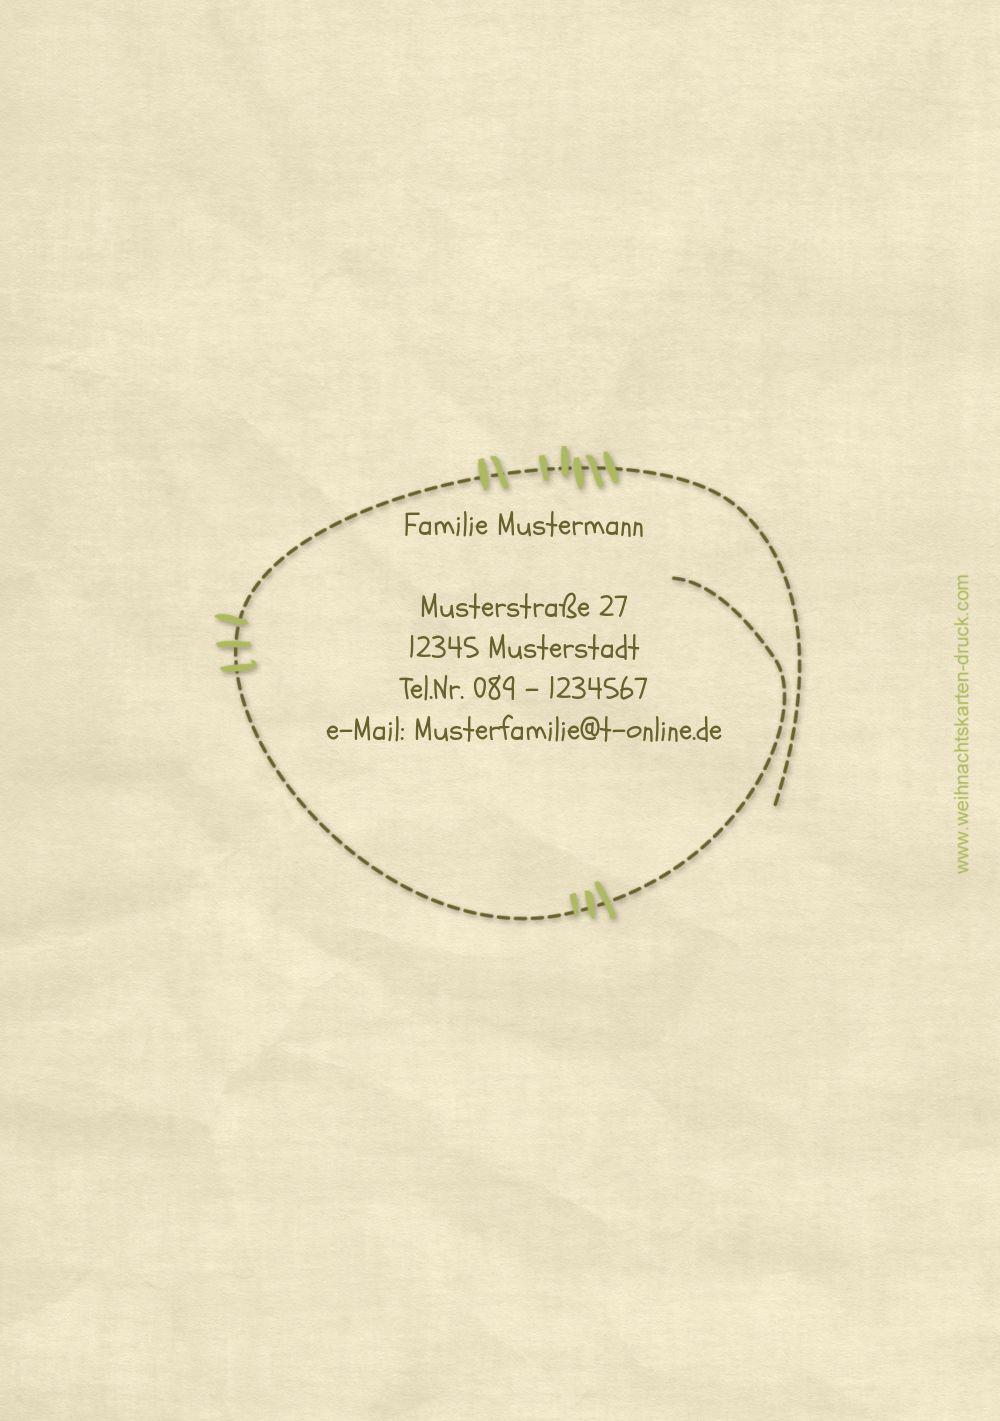 Ansicht 2 - Einladung Nahtbaum